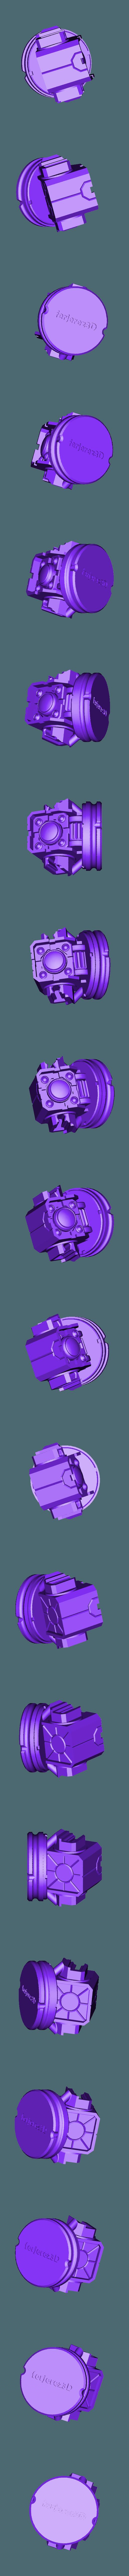 turret.stl Download STL file SAM Rocket Launcher Penholder • Model to 3D print, ferjerez3d